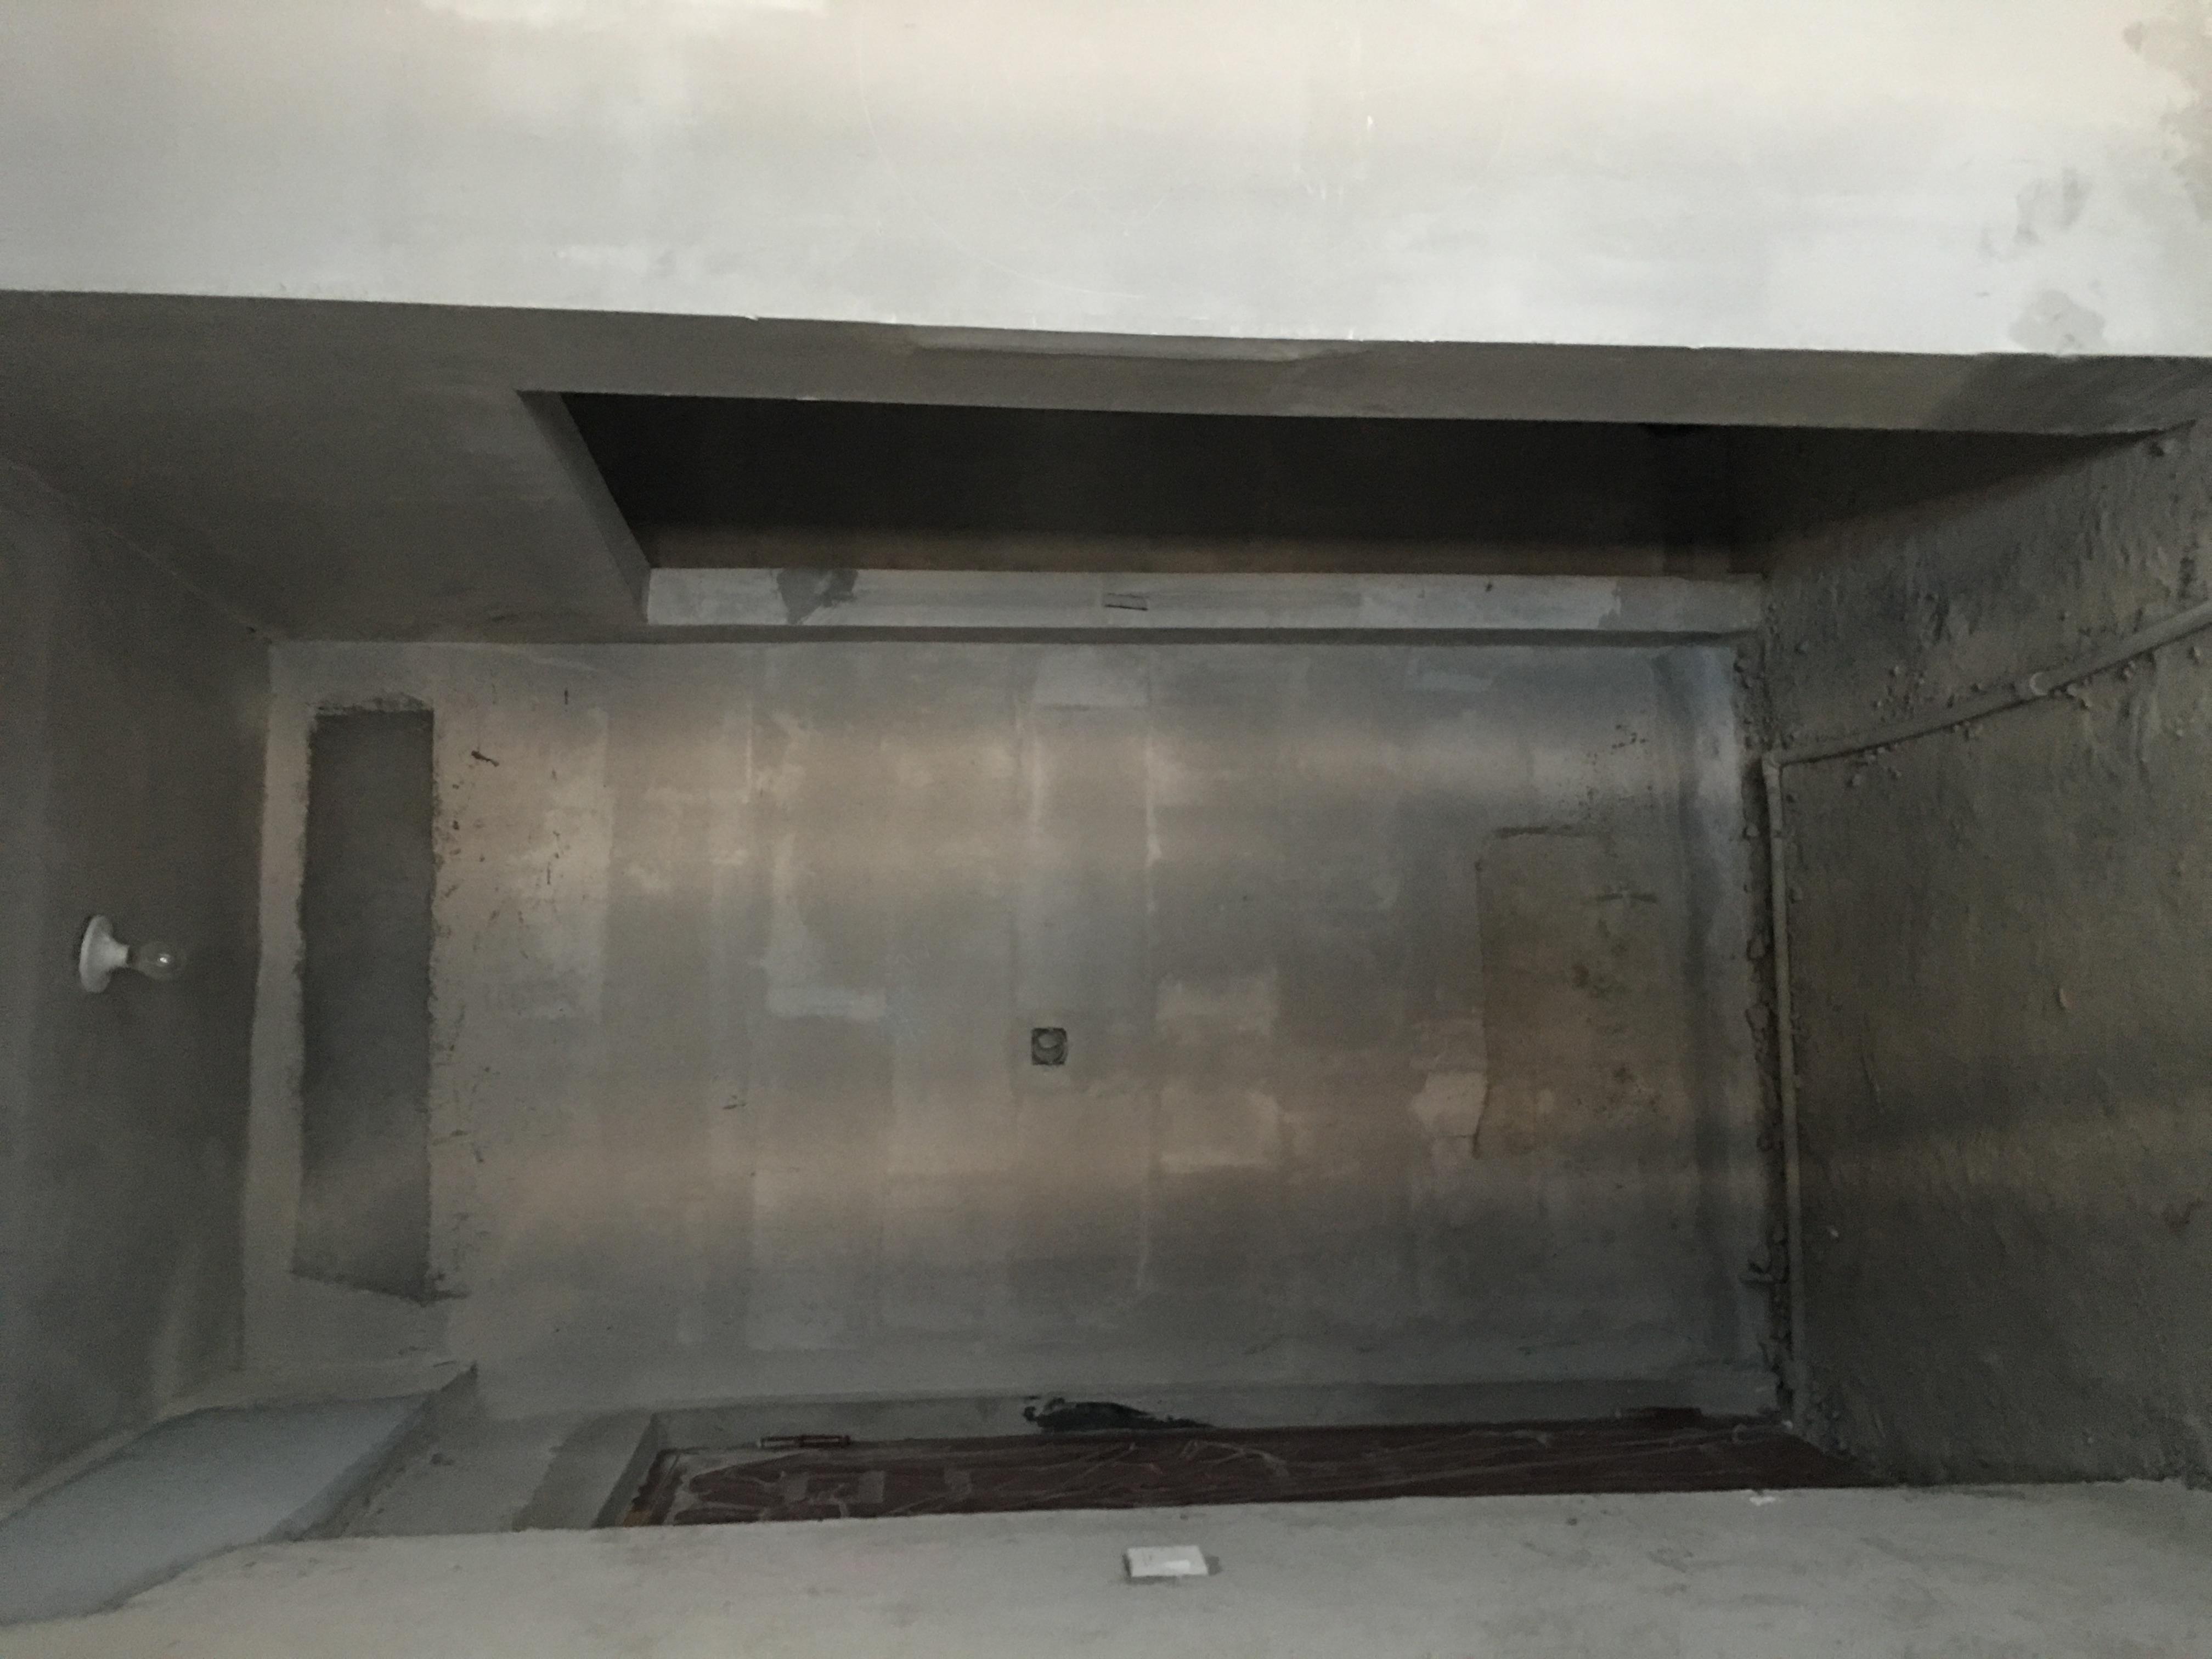 泉州高霞新天地小区11#503施工现场